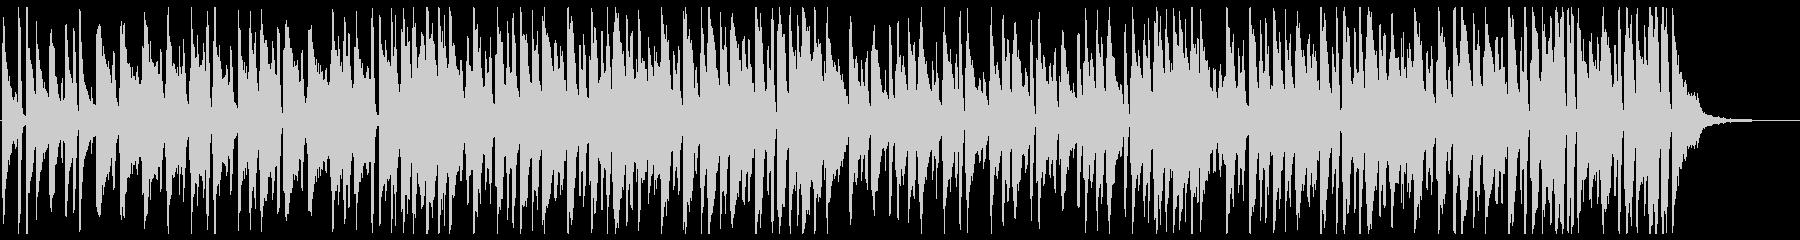 ジングルベル/トランペット/クリスマスの未再生の波形